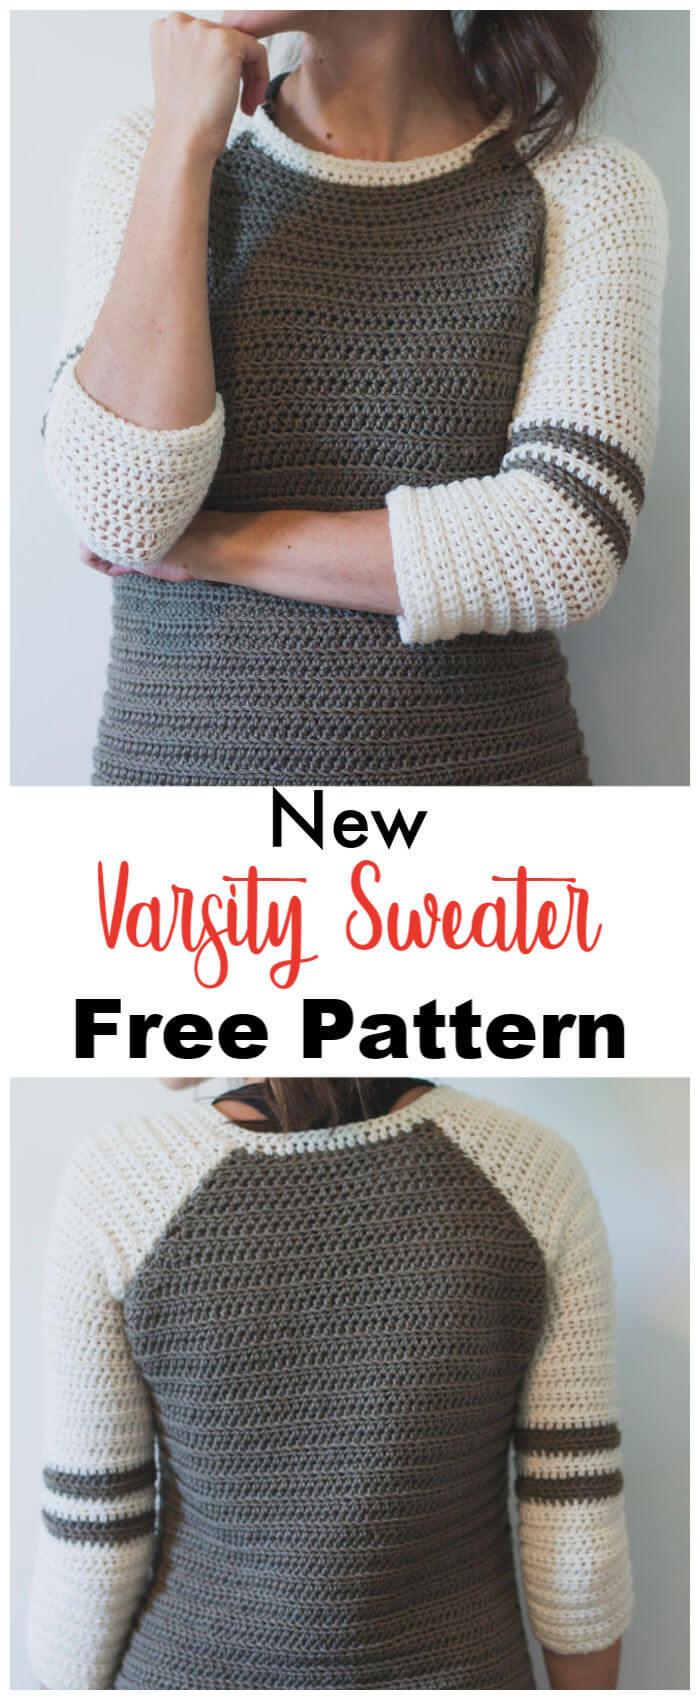 Free Crochet Varsity Sweater Pattern